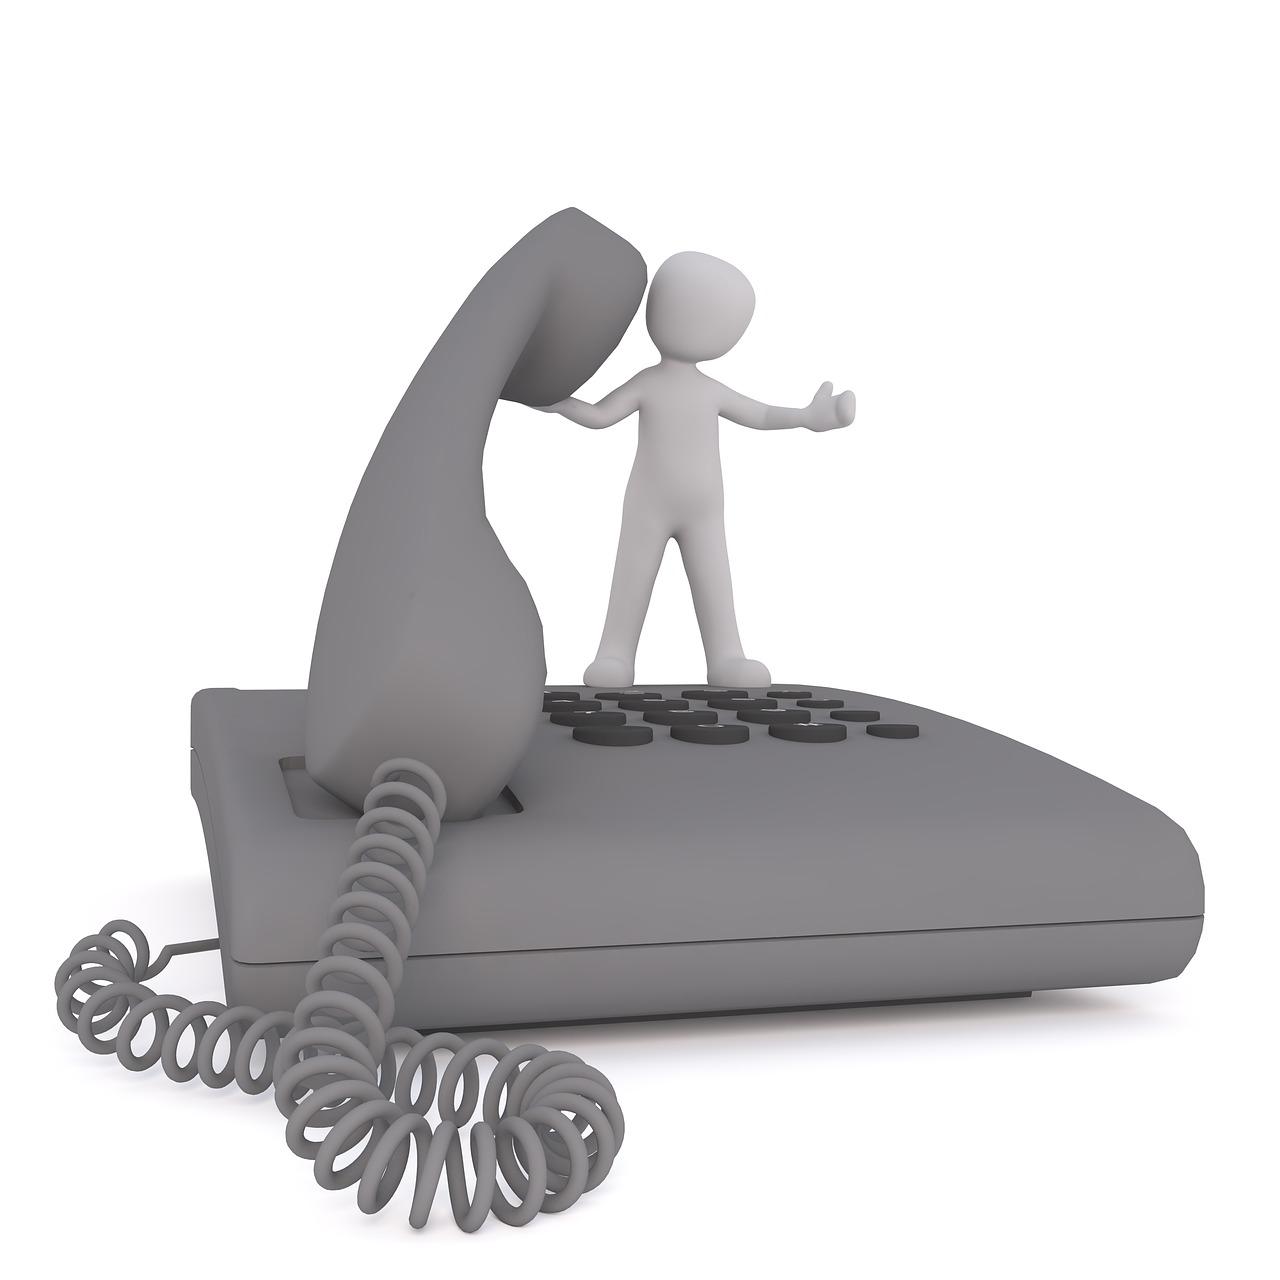 Nieuw: Keuze Menu Voor De Telefoon